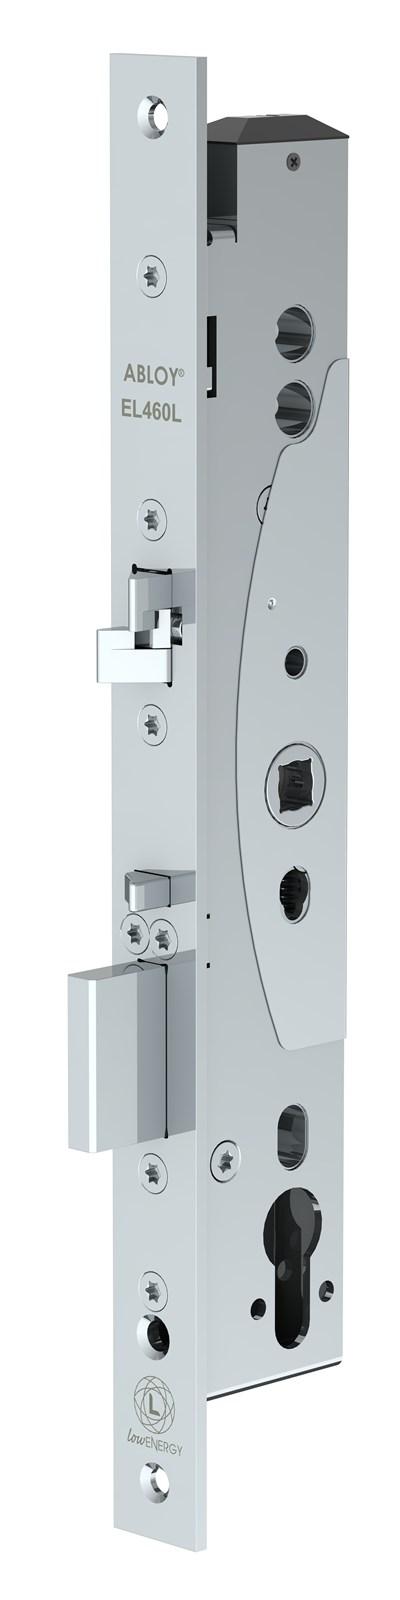 Lock case EL460L